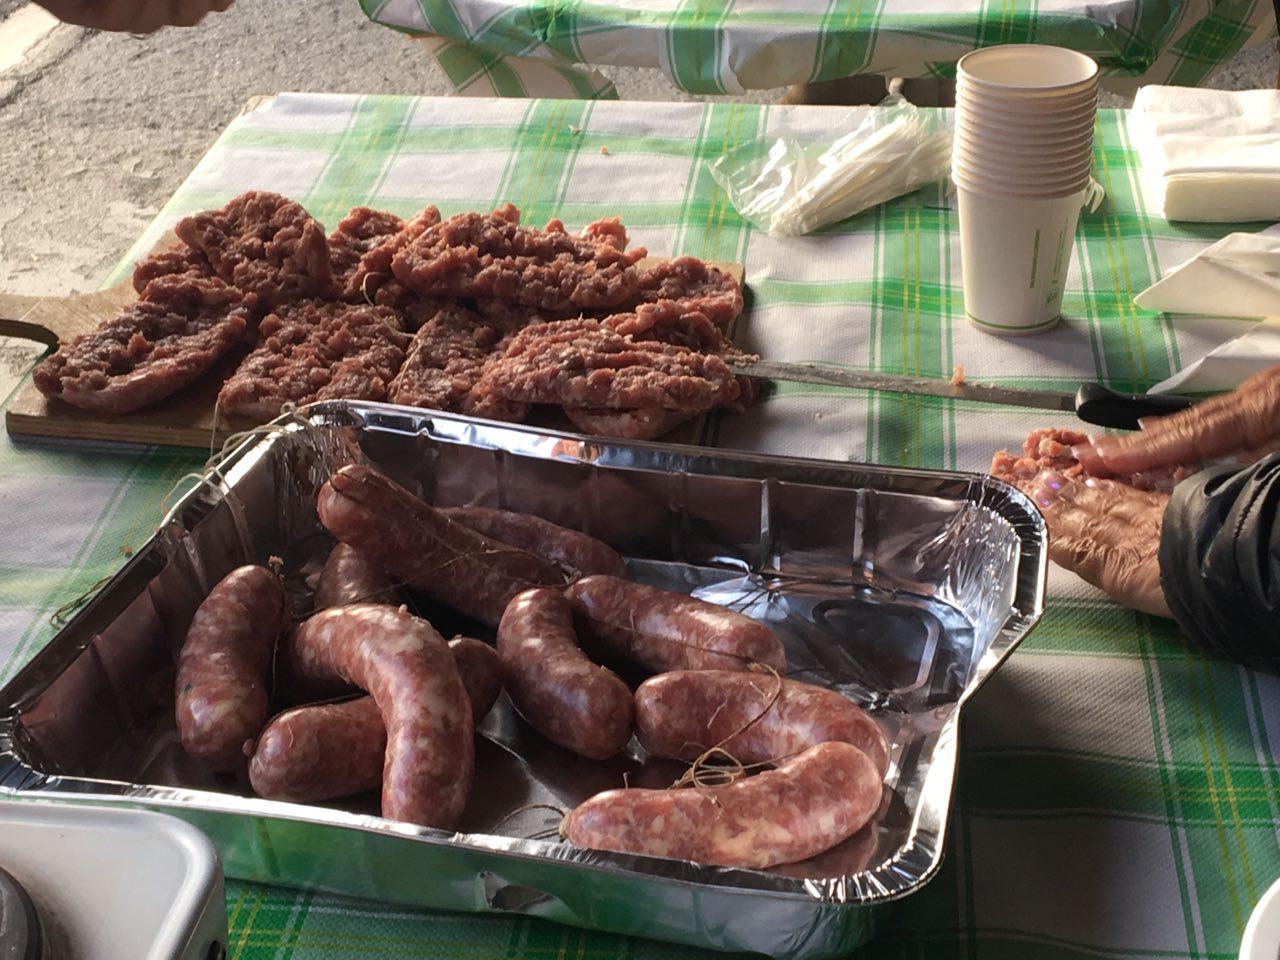 Dopo tanta fatica, la scorpacciata è d'obbligo! Ecco i salamini che vengono aperti in due e preparati per essere grigliati.